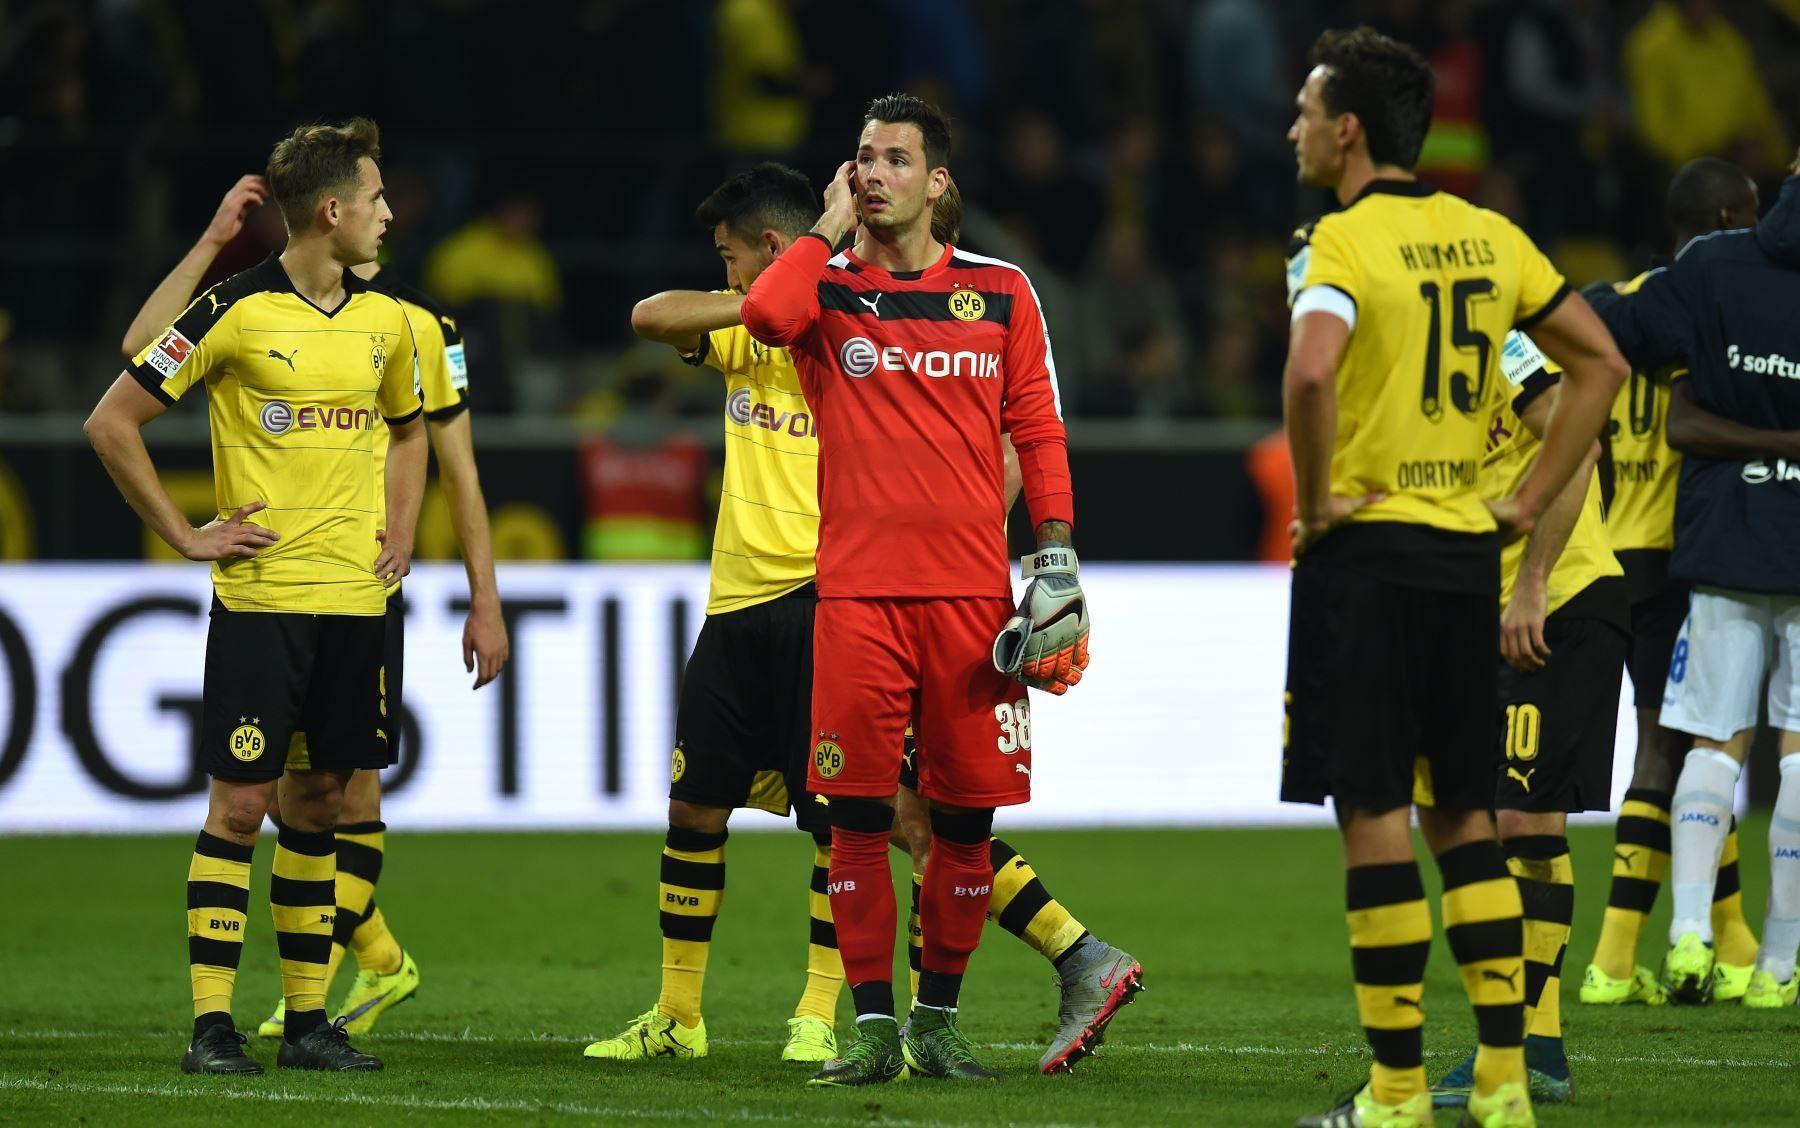 @bdortmund9off Sulu kontert Tormaschine Aubameyang spät. Darmstadt landete in Dortmund den nächsten Coup und knöpfte der Borussia beim schmeichelhaften 2x2 einen Punkt ab #9ine